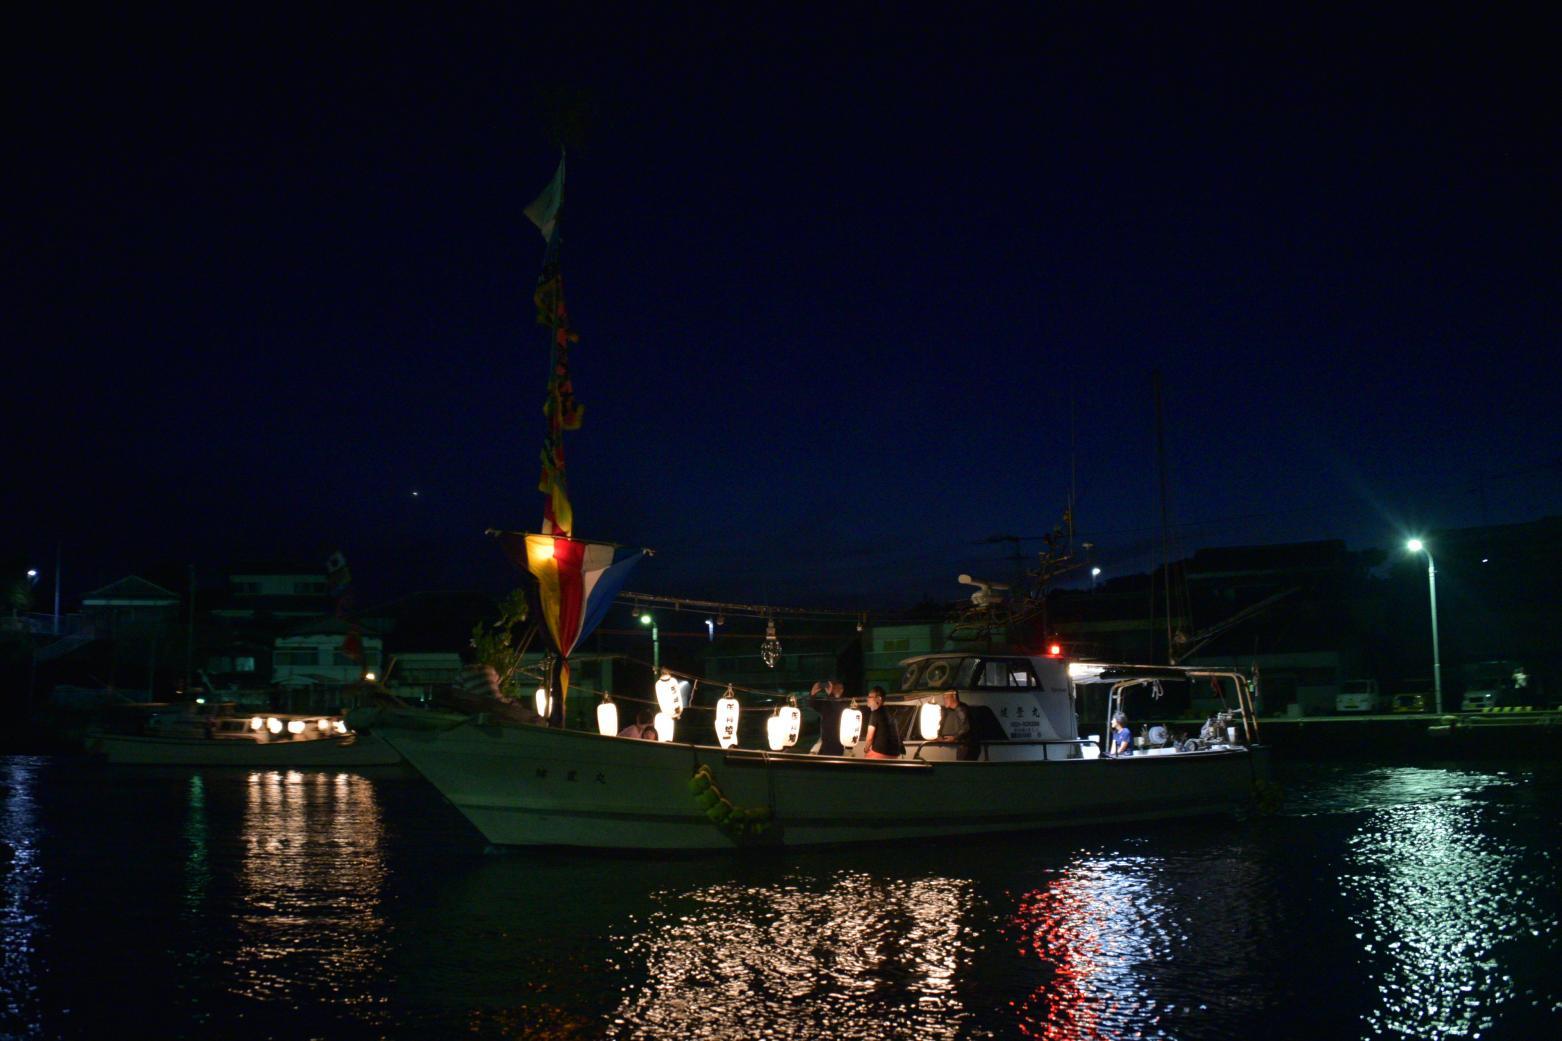 【宇久島】竜神祭(ひよひよ祭)※例年旧暦6月17日開催-1